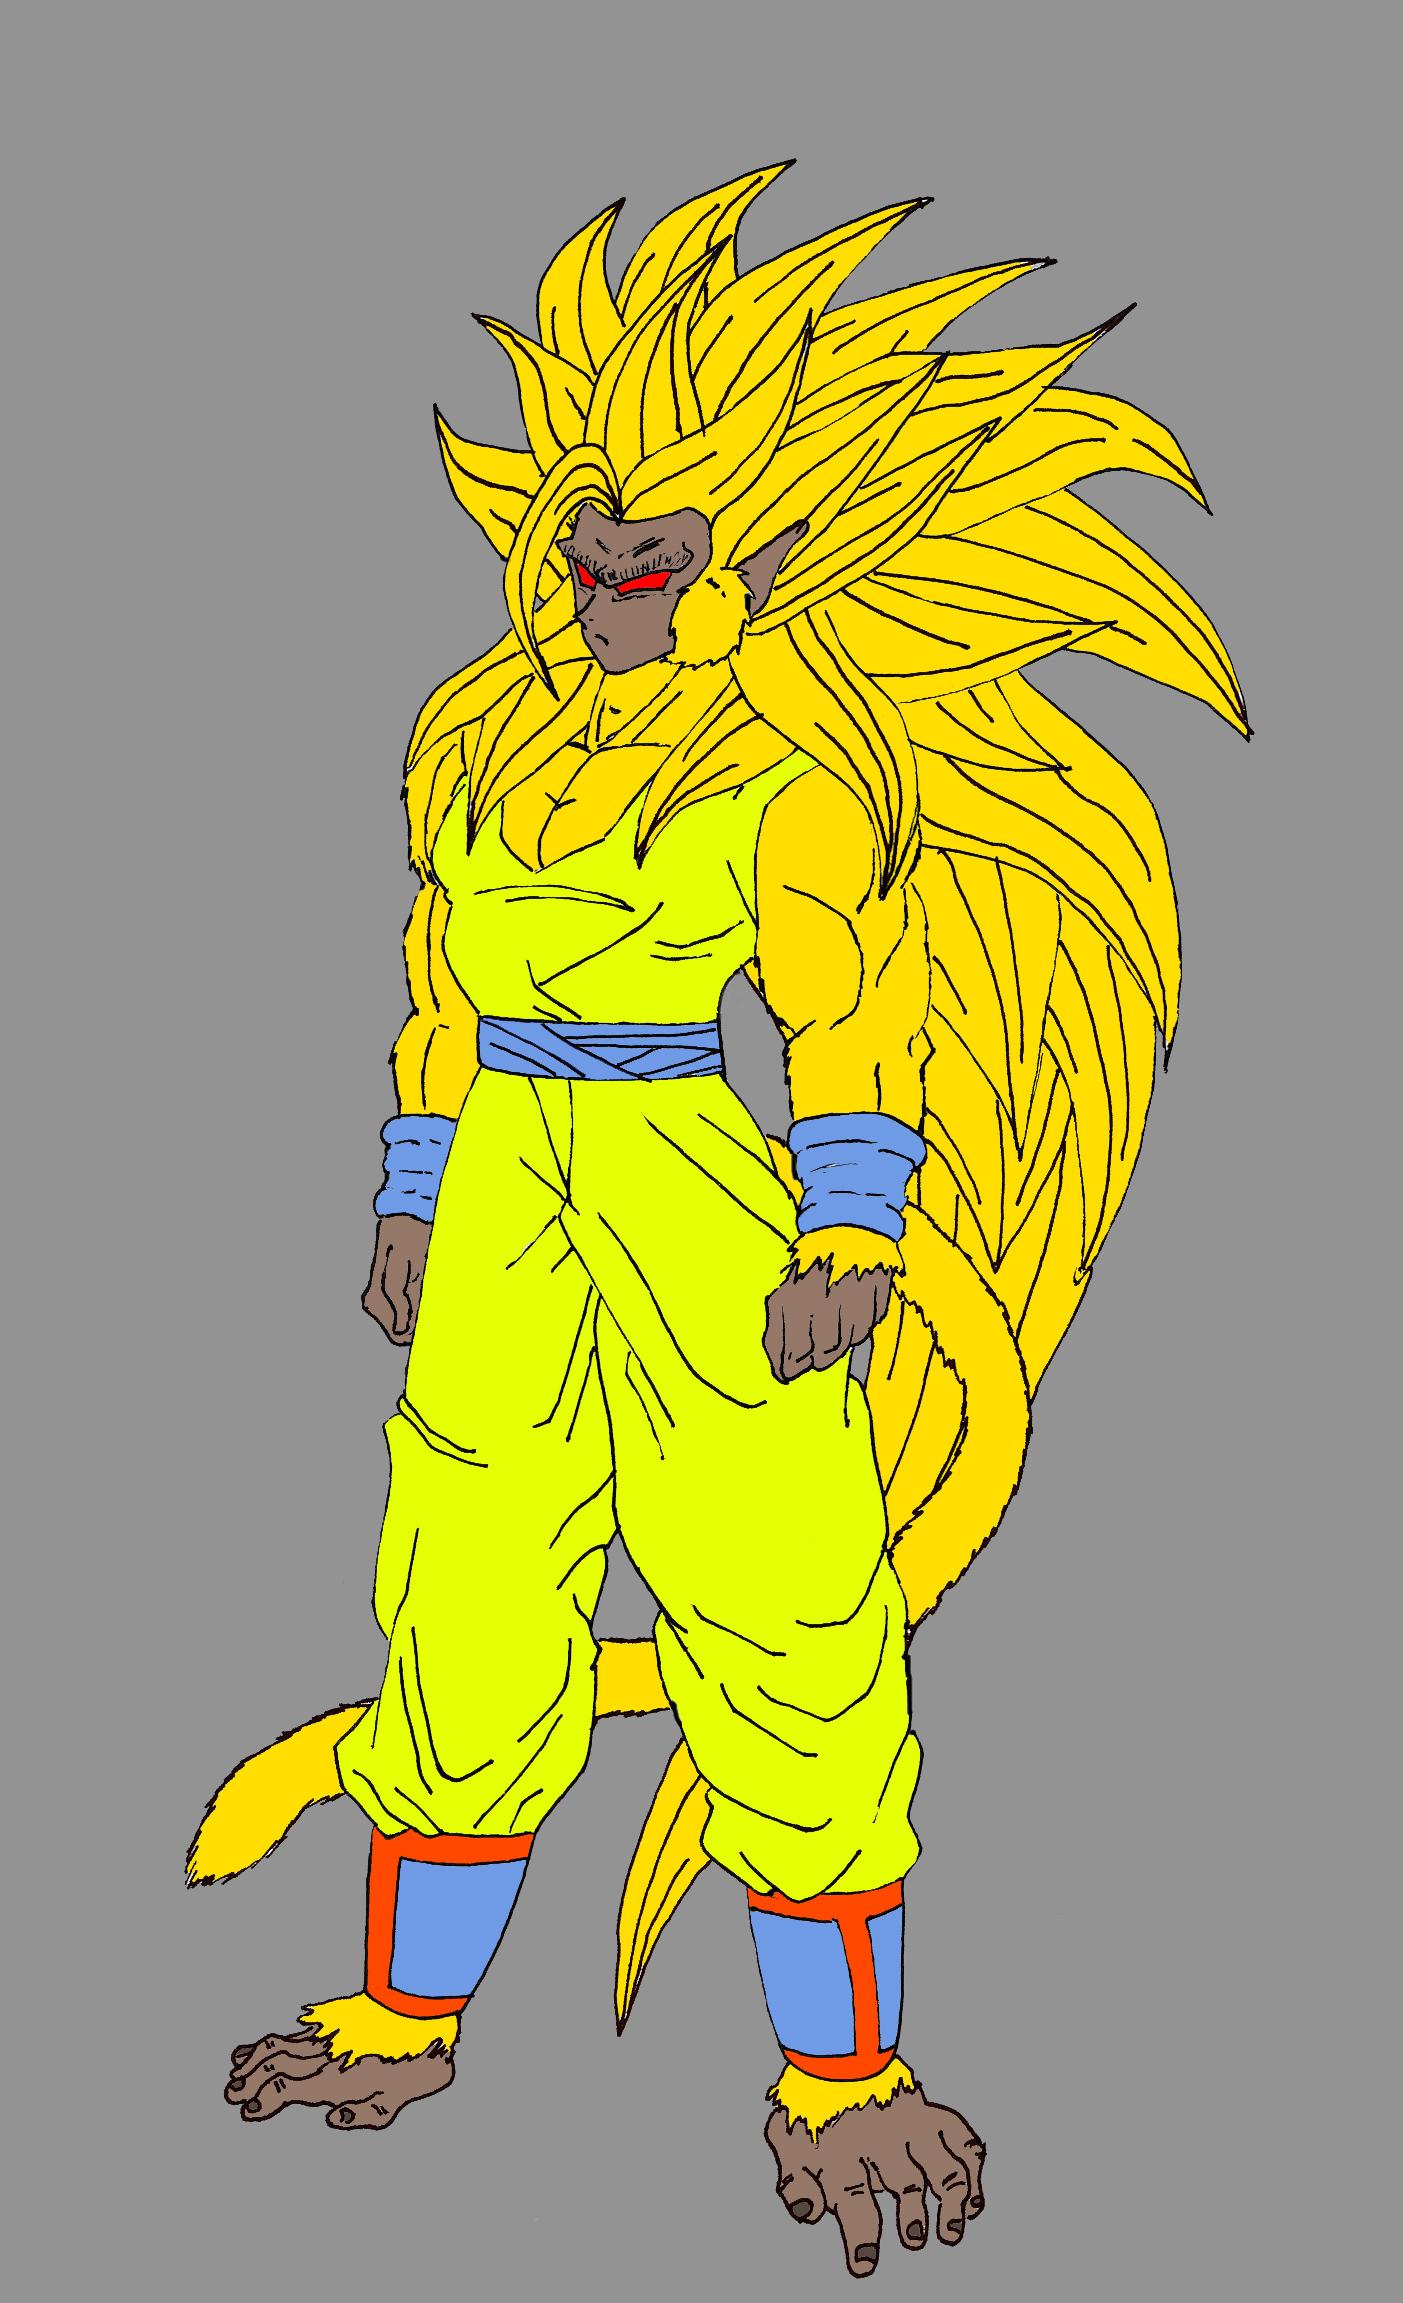 Goku becoming a Super Saiyan